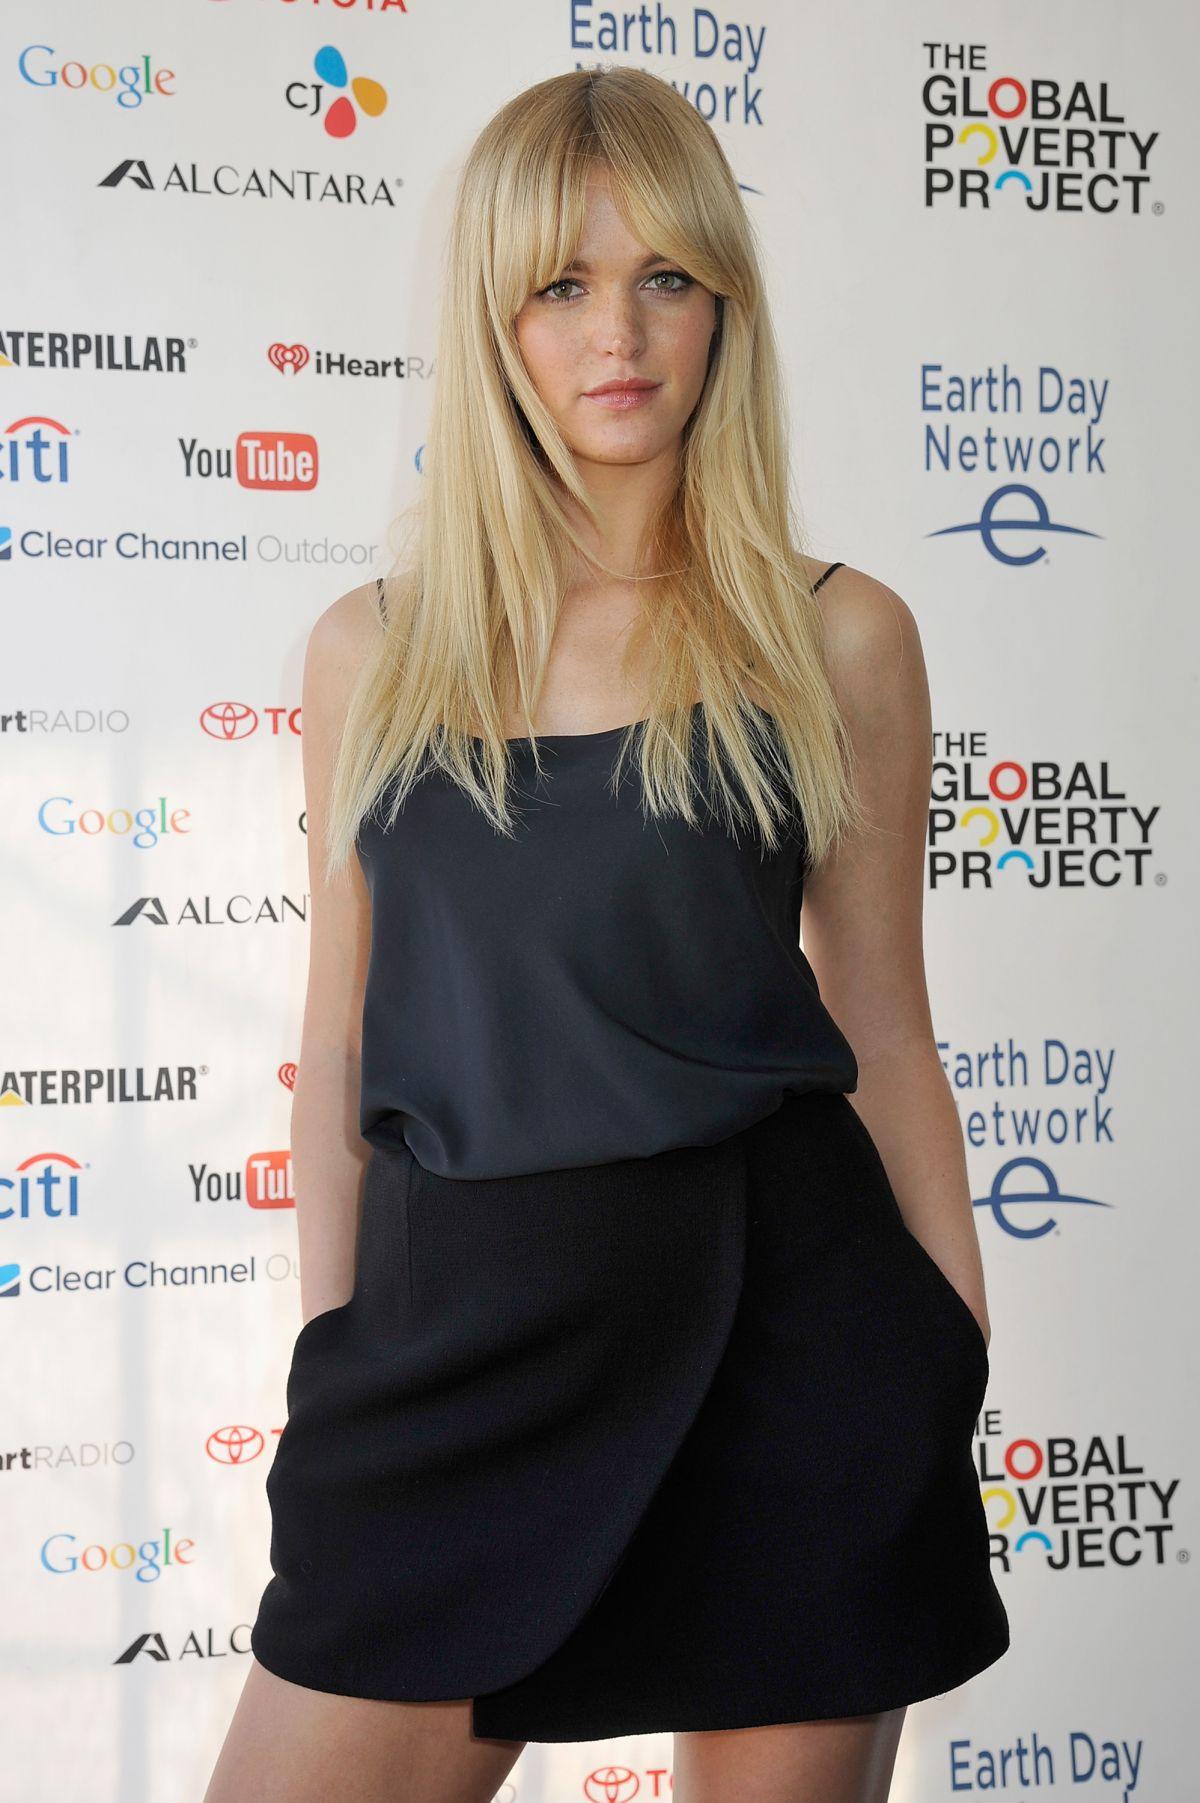 ERIN HEATHERTON at Global Citizen 2015 Earth Day in Washington DC